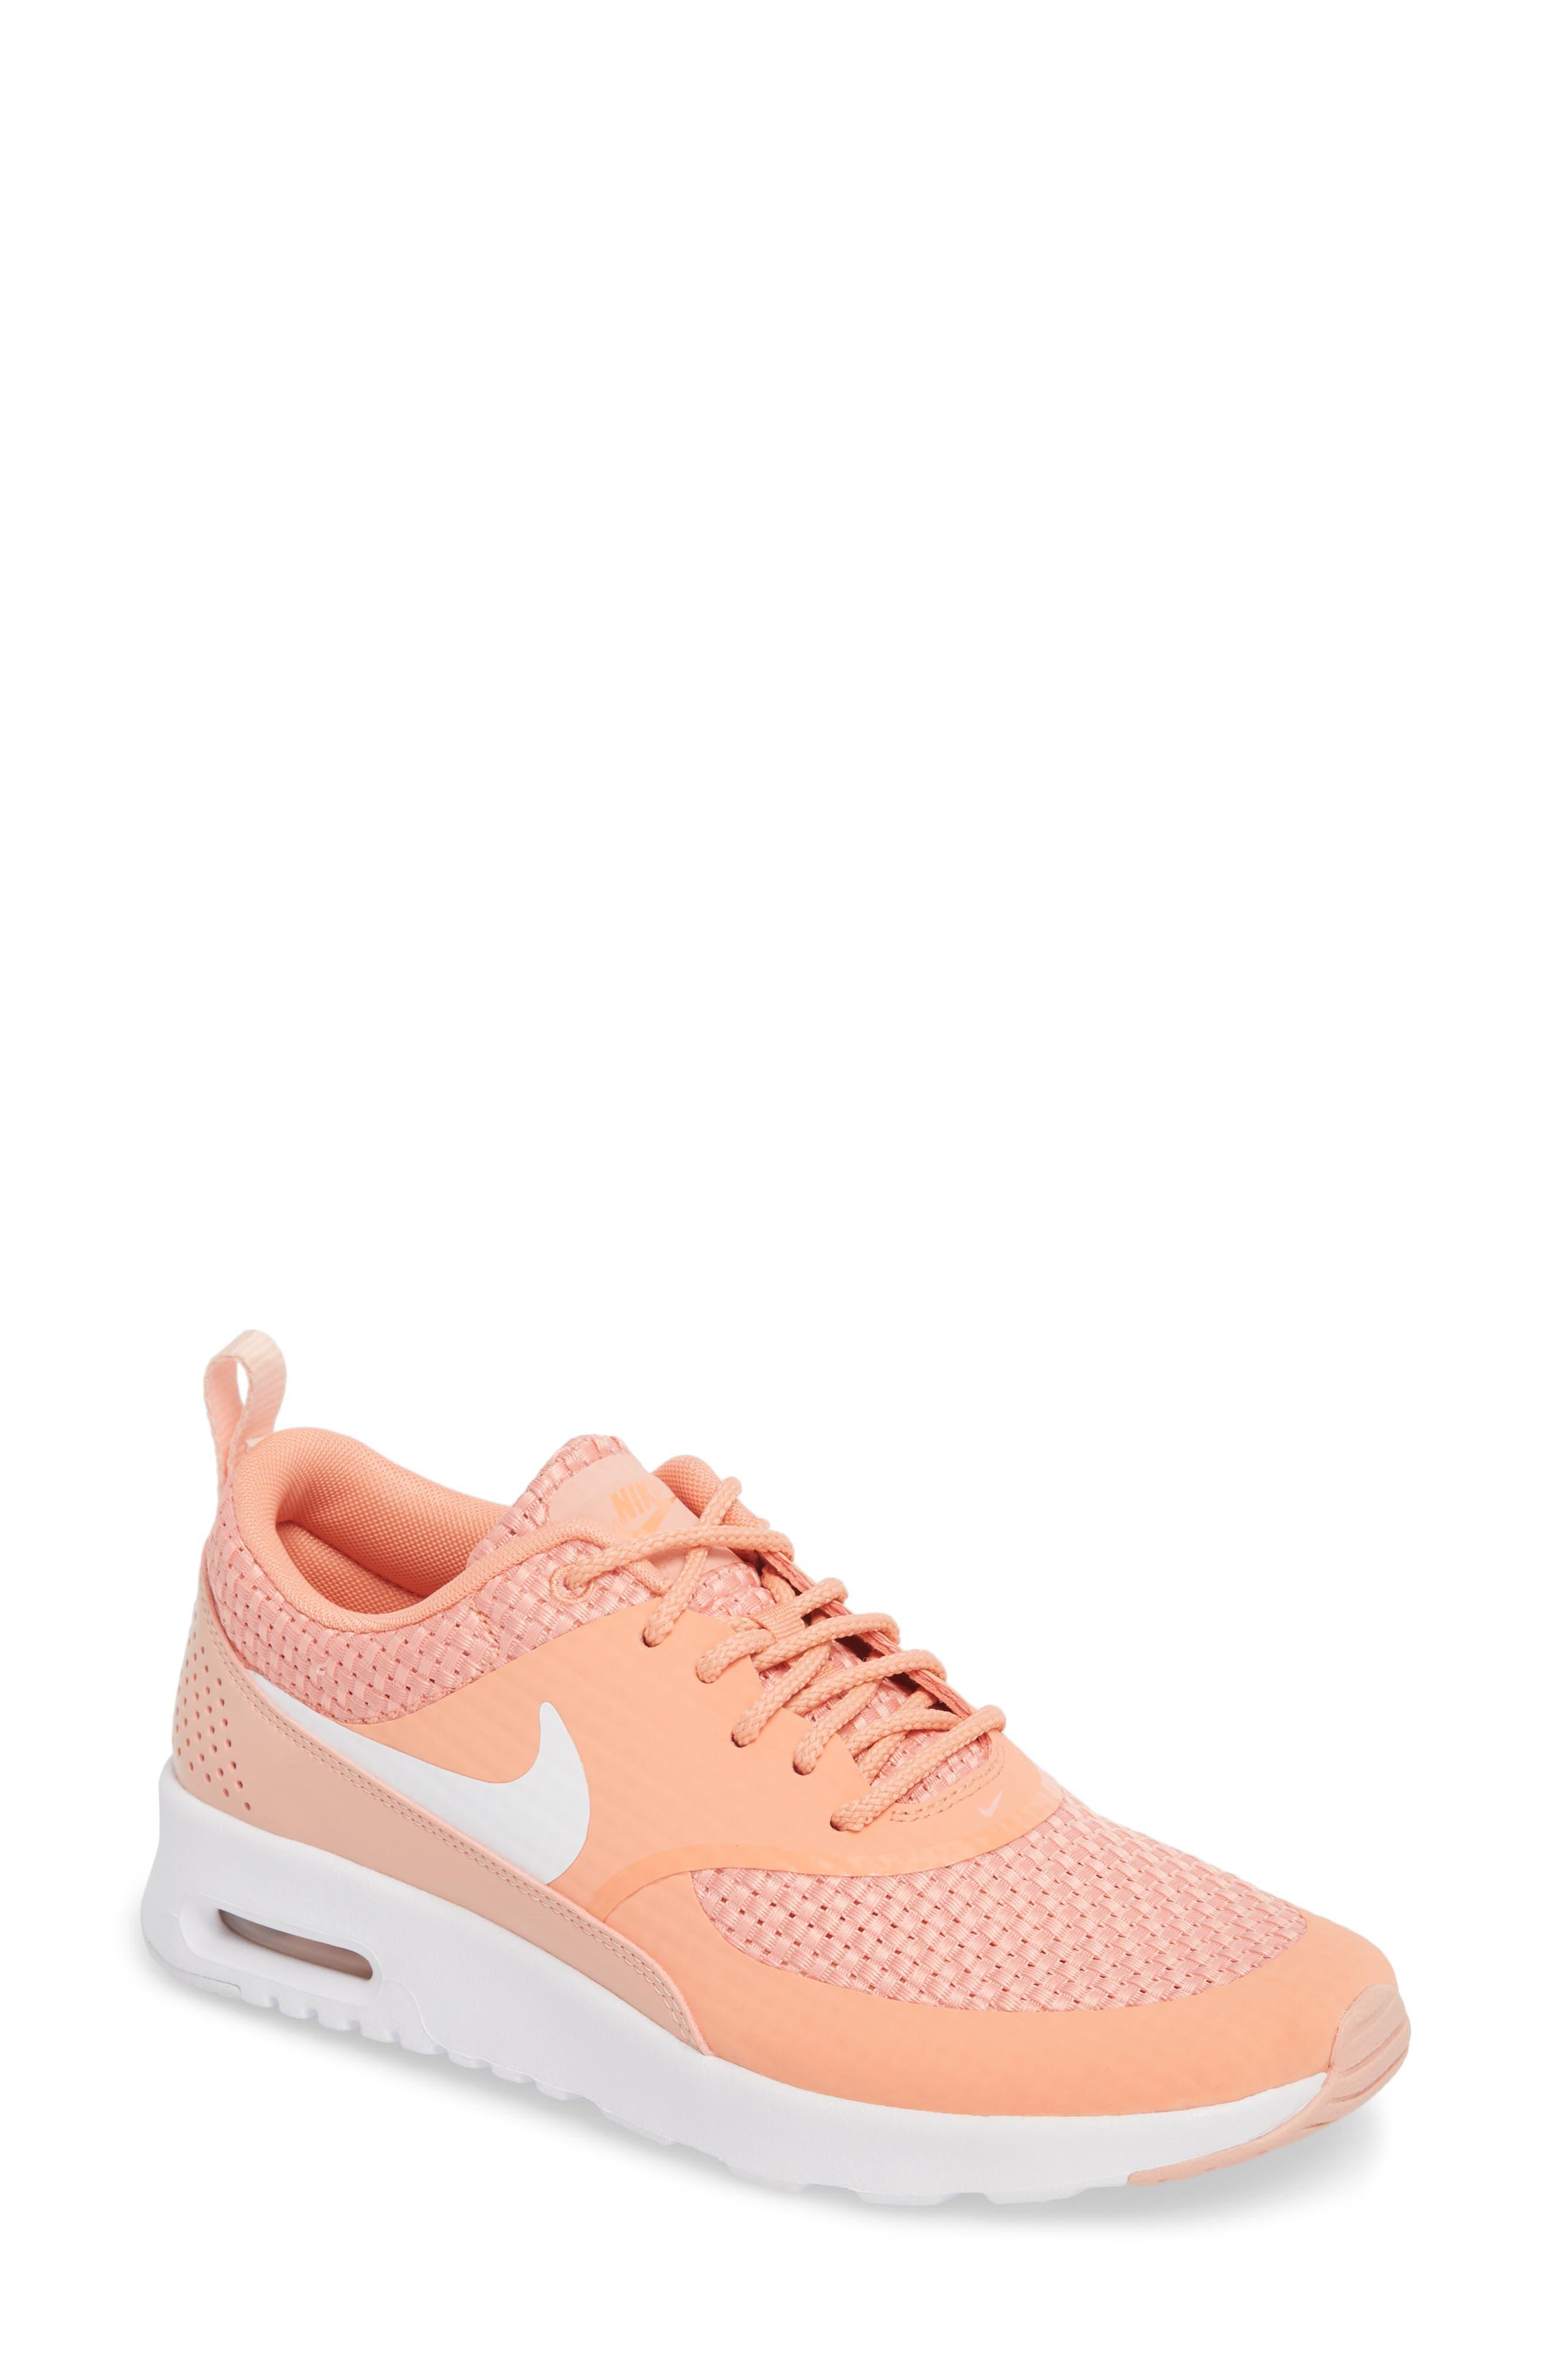 Air Max Thea Sneaker,                             Main thumbnail 1, color,                             Crimson Bliss/ White